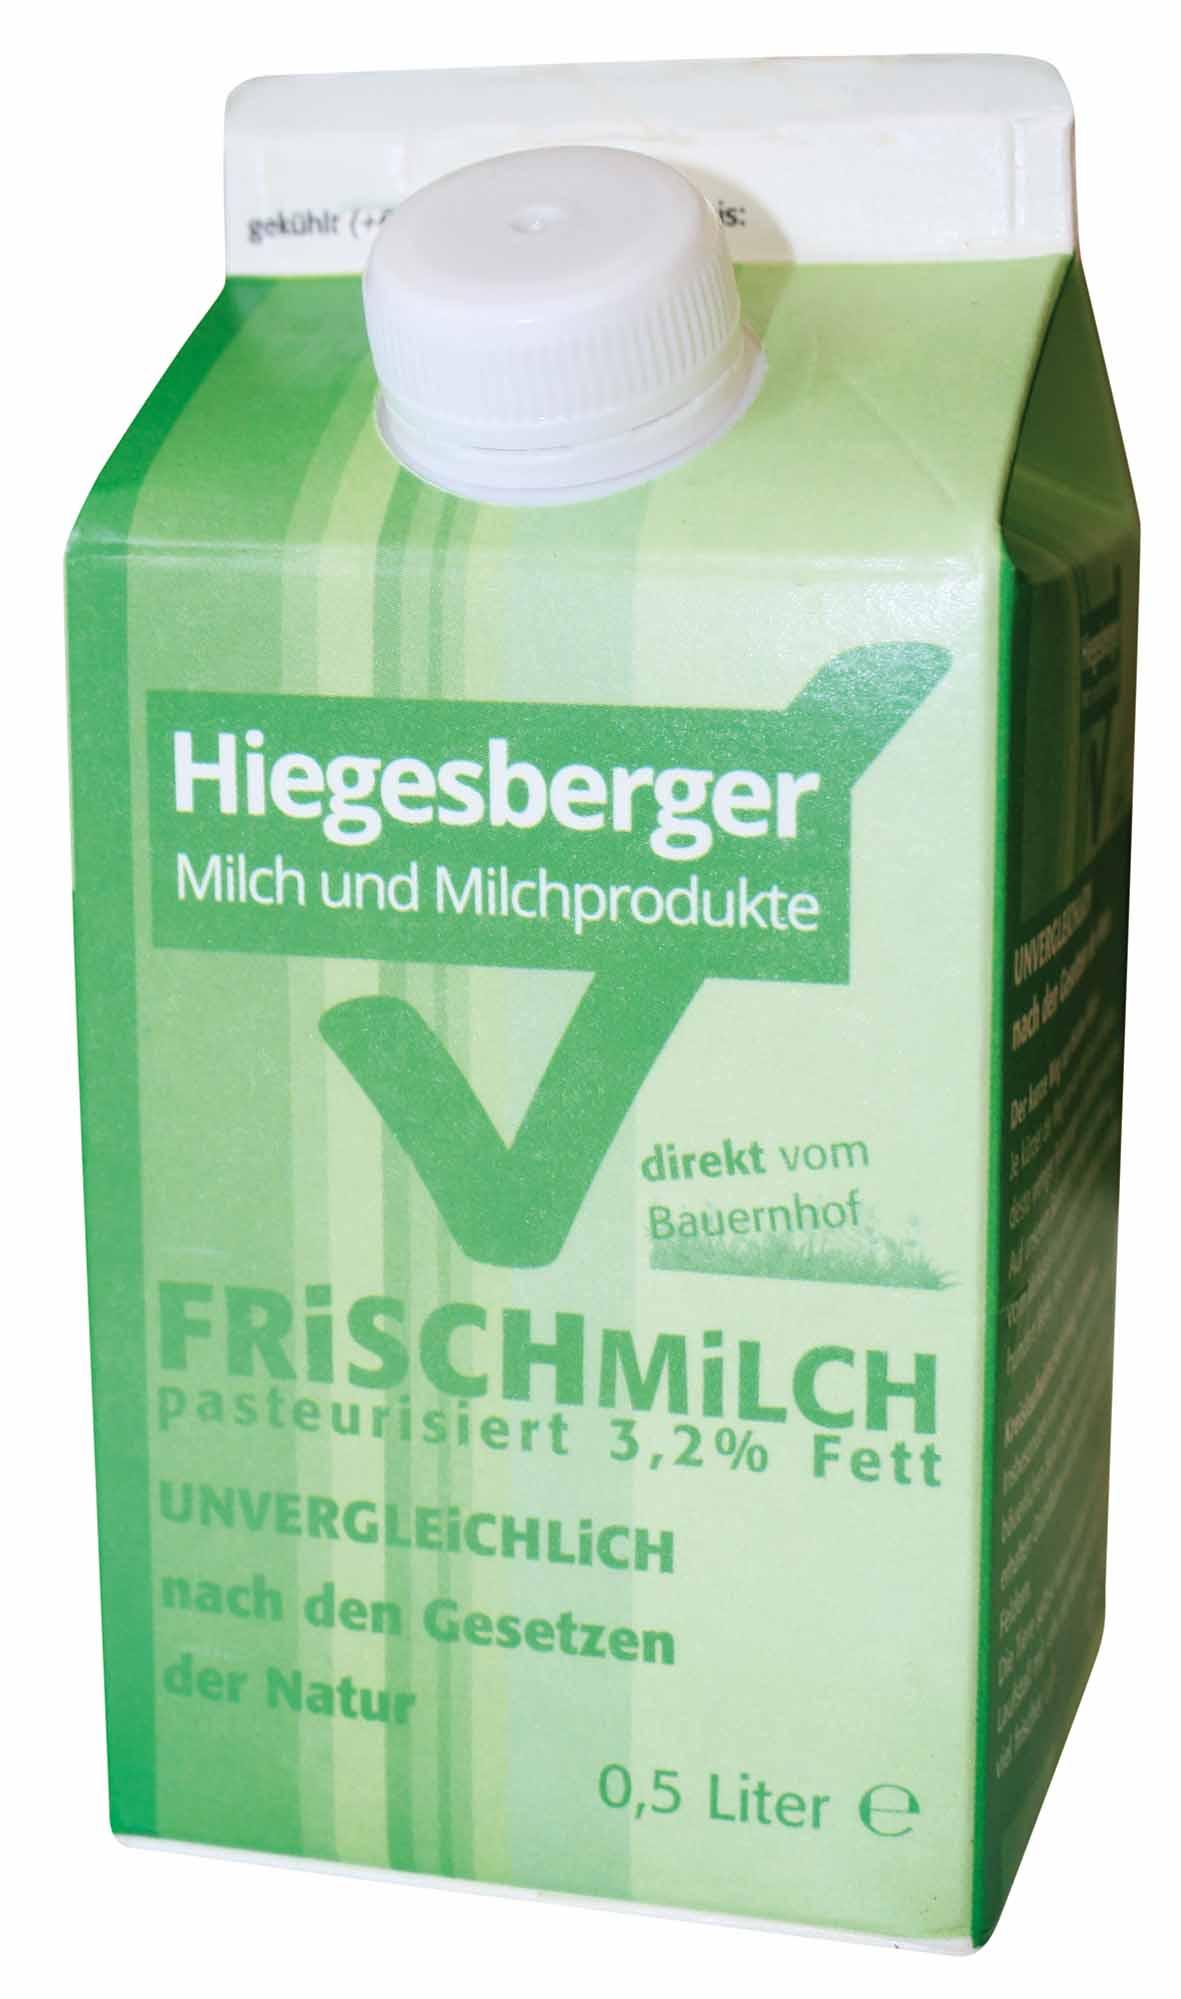 Hiegesberger_Milch_1/2L